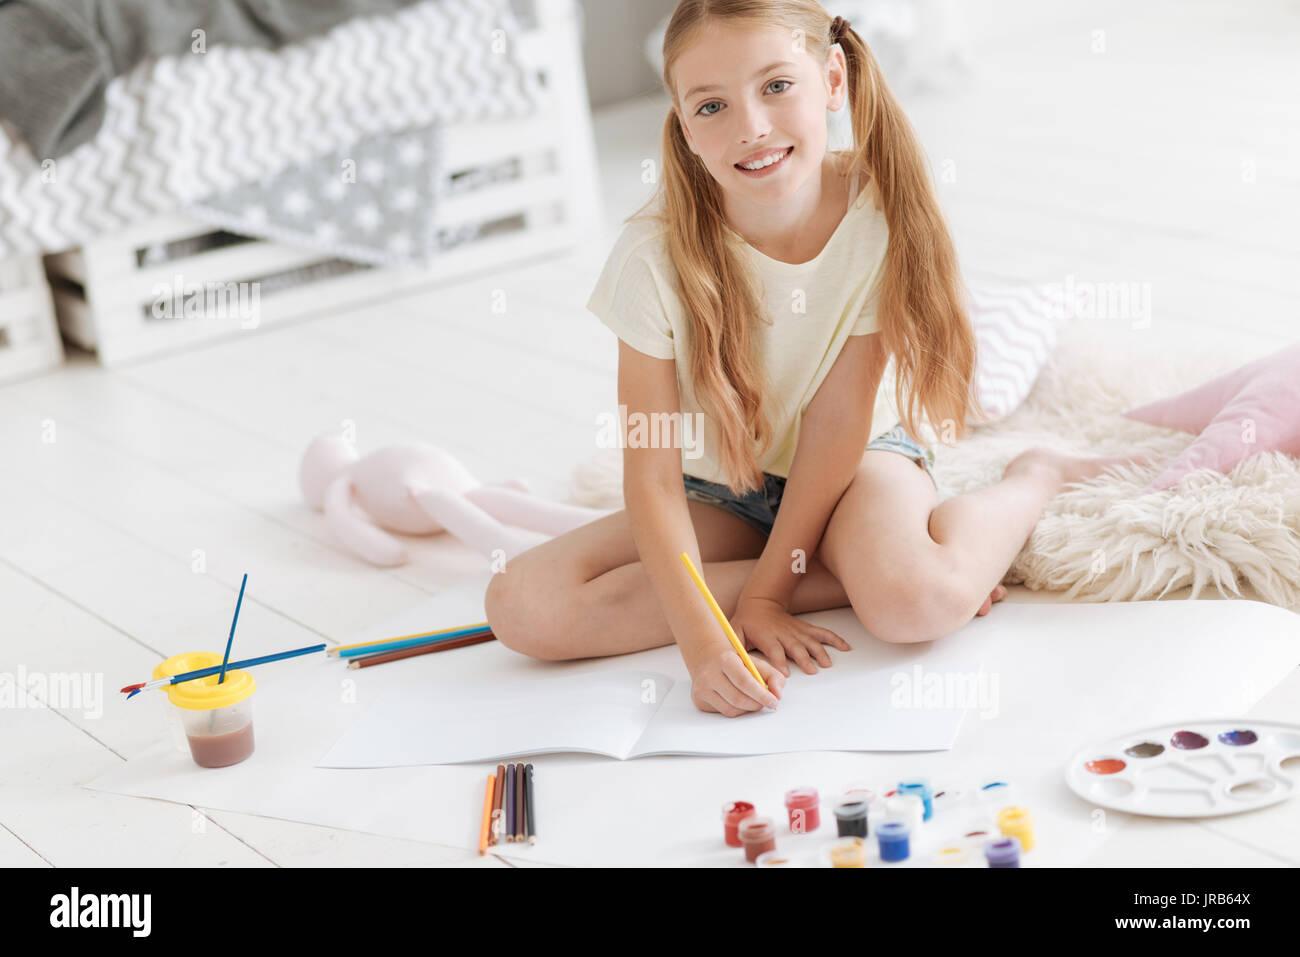 Schöne Mädchen schauen in die Kamera beim Zeichnen Stockbild